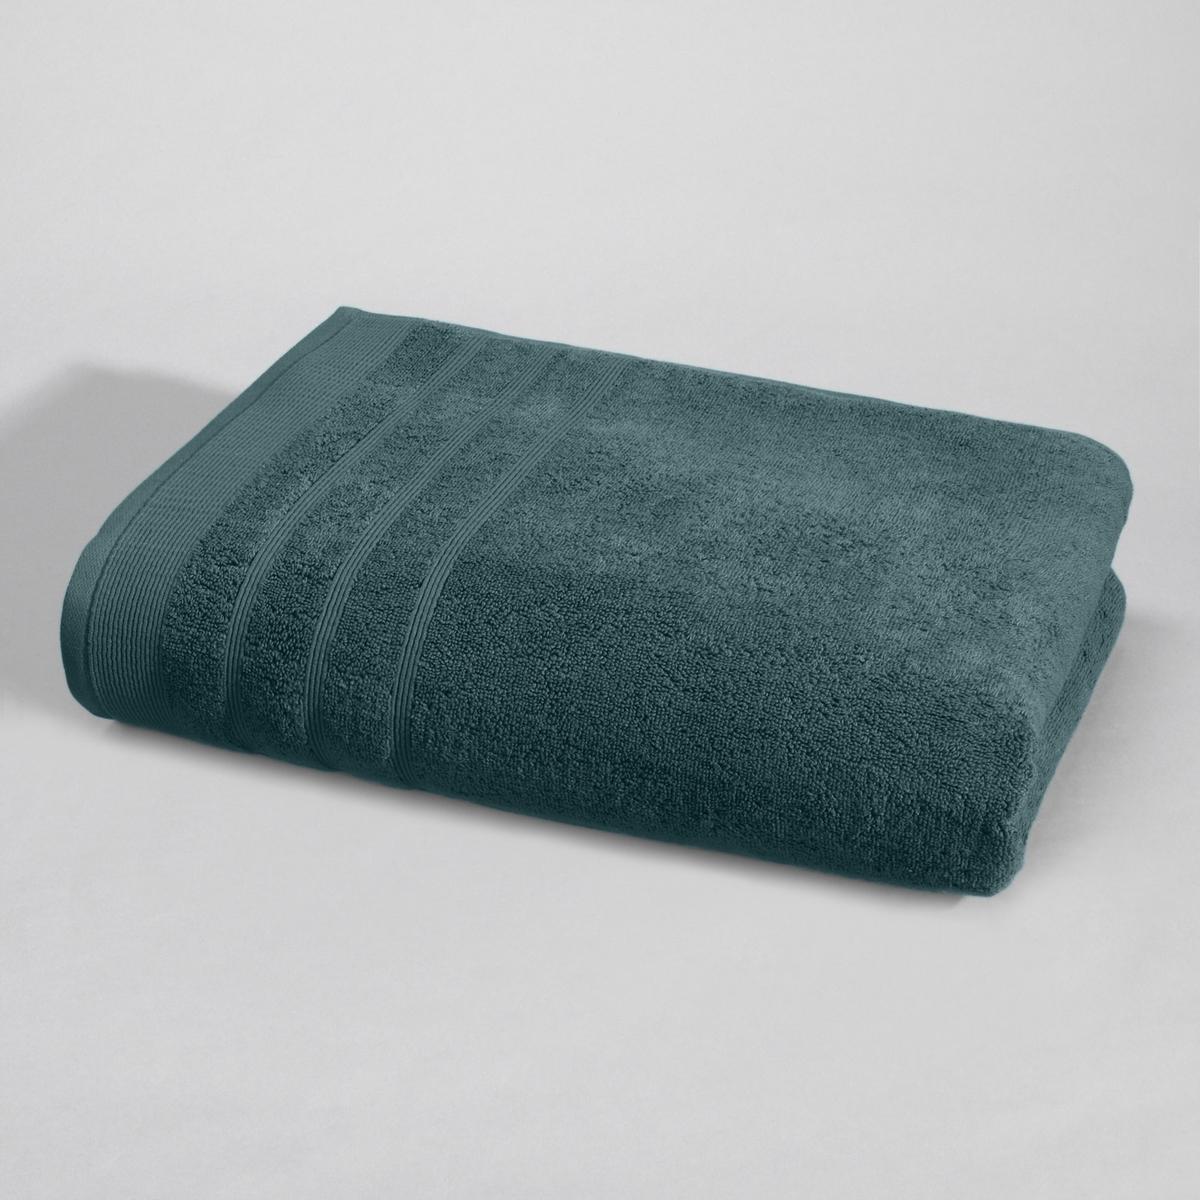 Полотенце банное 600 г/м?, Качество BestПышное полотенце с исключительной впитывающей способностью. Невероятный комфорт!Характеристики банного полотенца :Качество BEST.Махровая ткань 100 % хлопка.Машинная стирка при 60°.Размеры банного полотенца:70 x 140 см.<br><br>Цвет: бежевый,белый,гранатовый,зелено-синий,розовая пудра,светло-серый,светло-синий,Серо-синий,темно-серый<br>Размер: 70 x 140  см.70 x 140  см.70 x 140  см.70 x 140  см.70 x 140  см.70 x 140  см